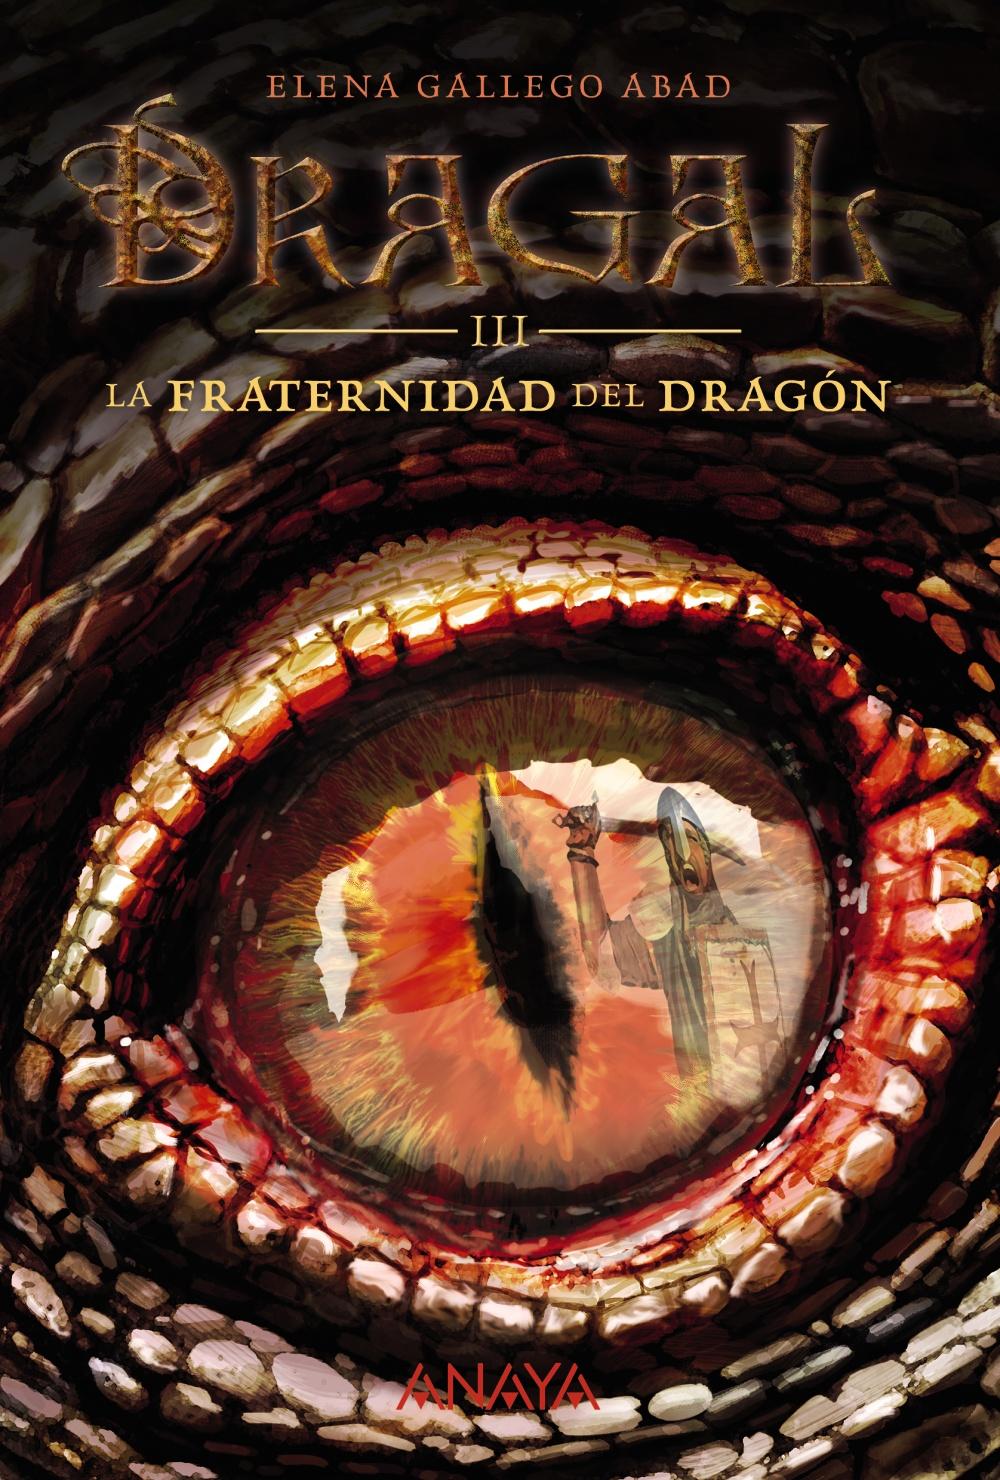 La fraternidad del dragón